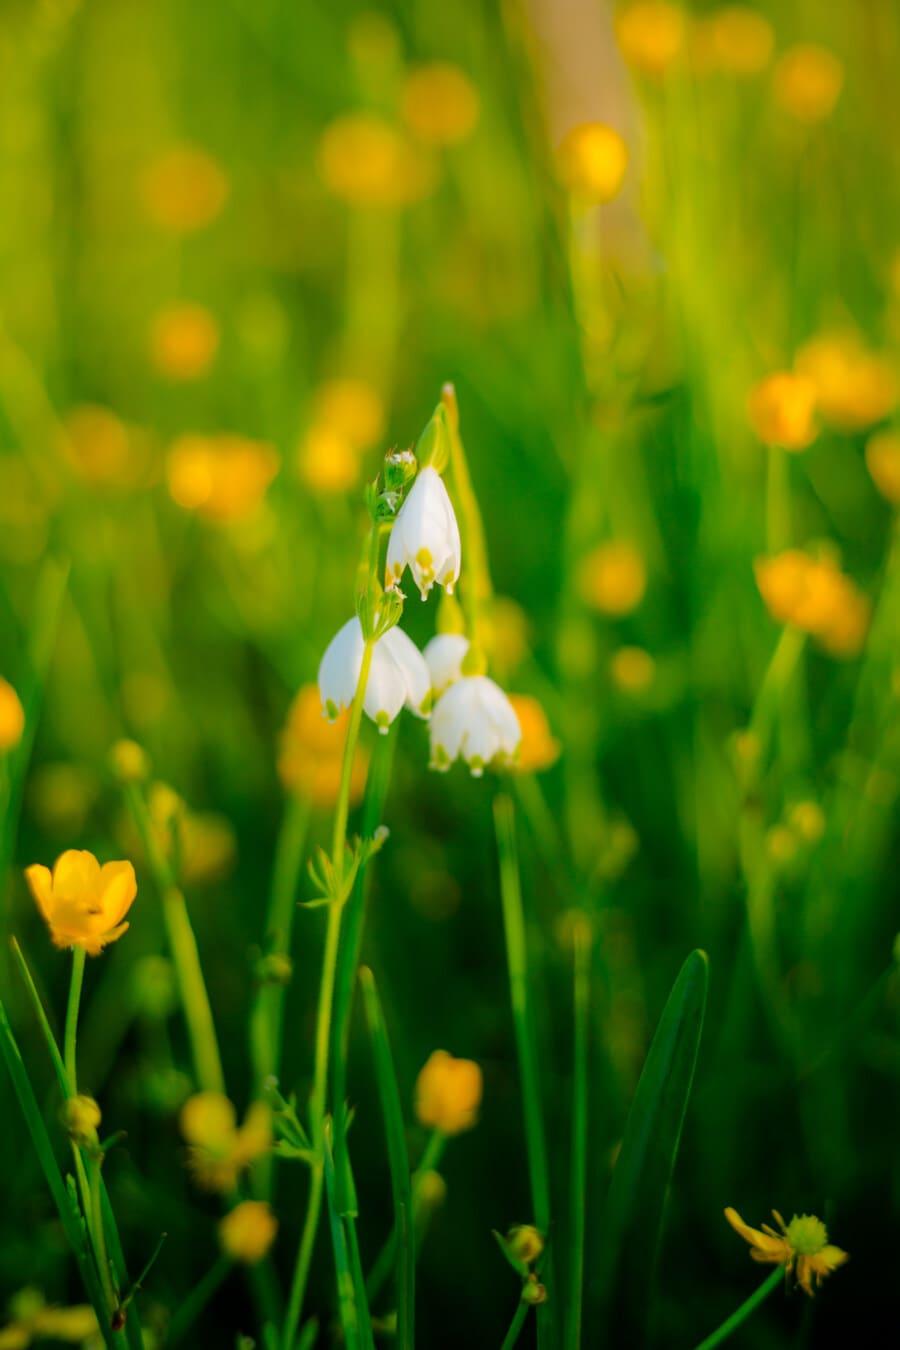 화이트 워터, 야생의 꽃, 공장, 봄, 태양, 공정한 날씨, 수 선화, 잔디, 자연, 꽃